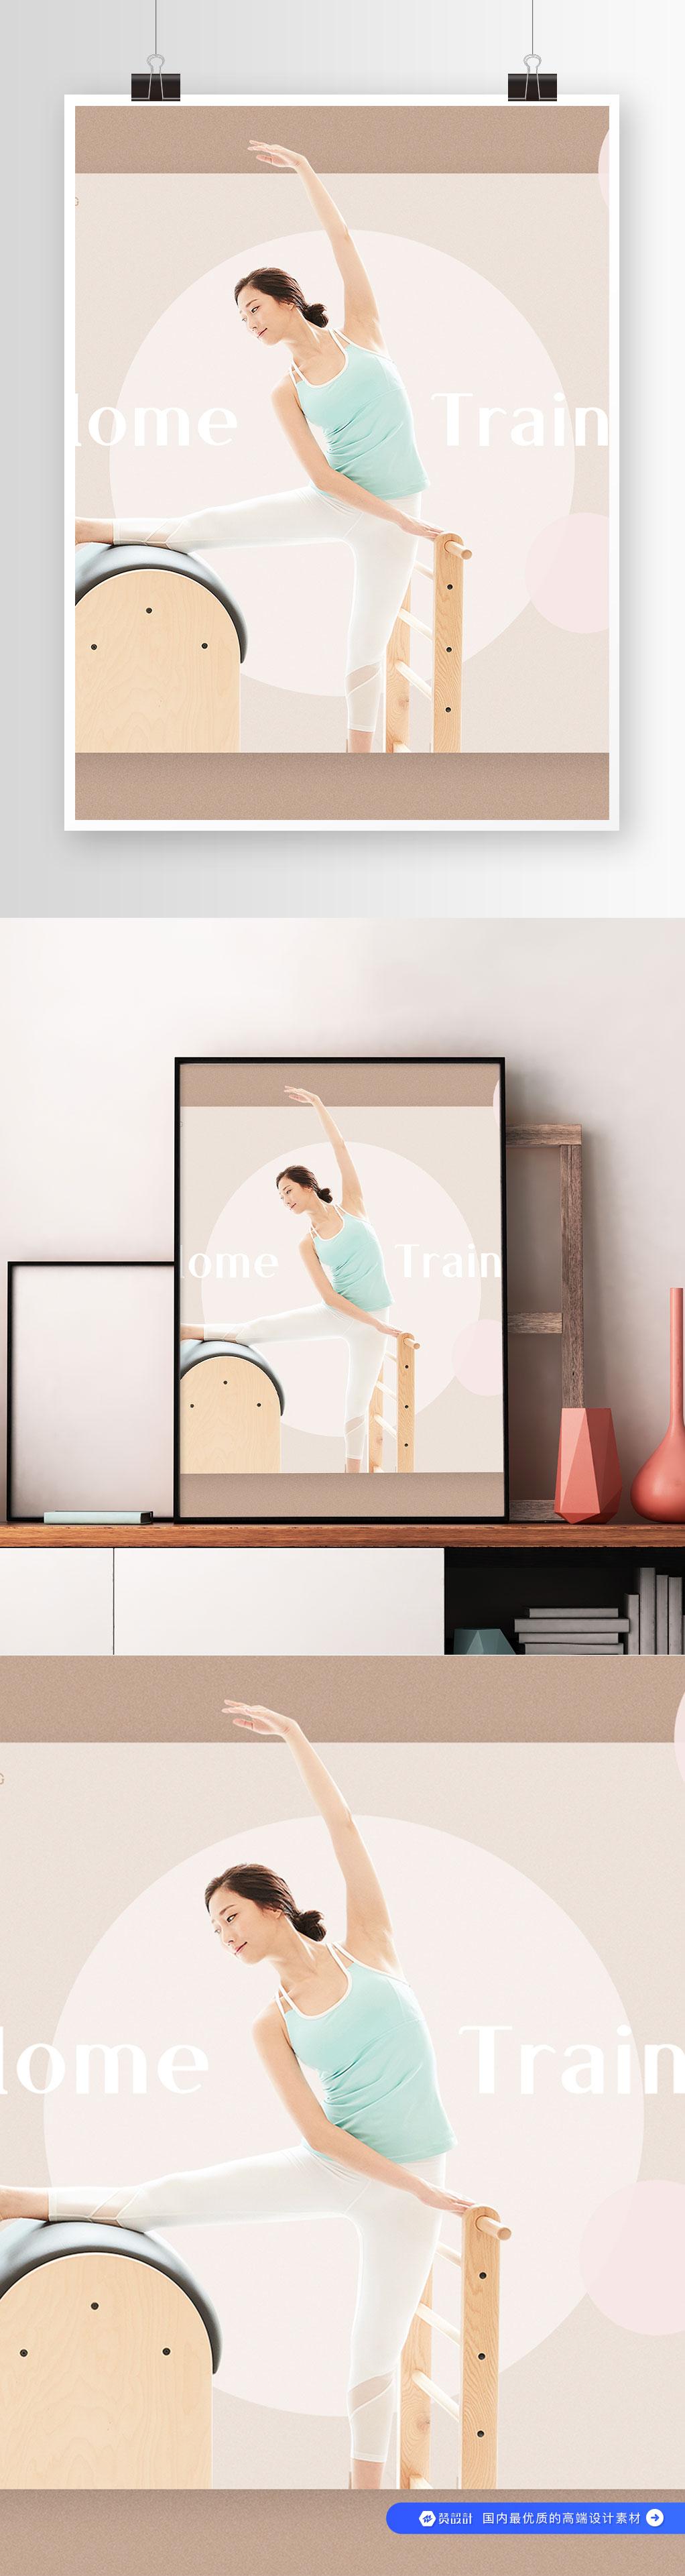 养生运动瑜伽美女健身海报设计素材(7)